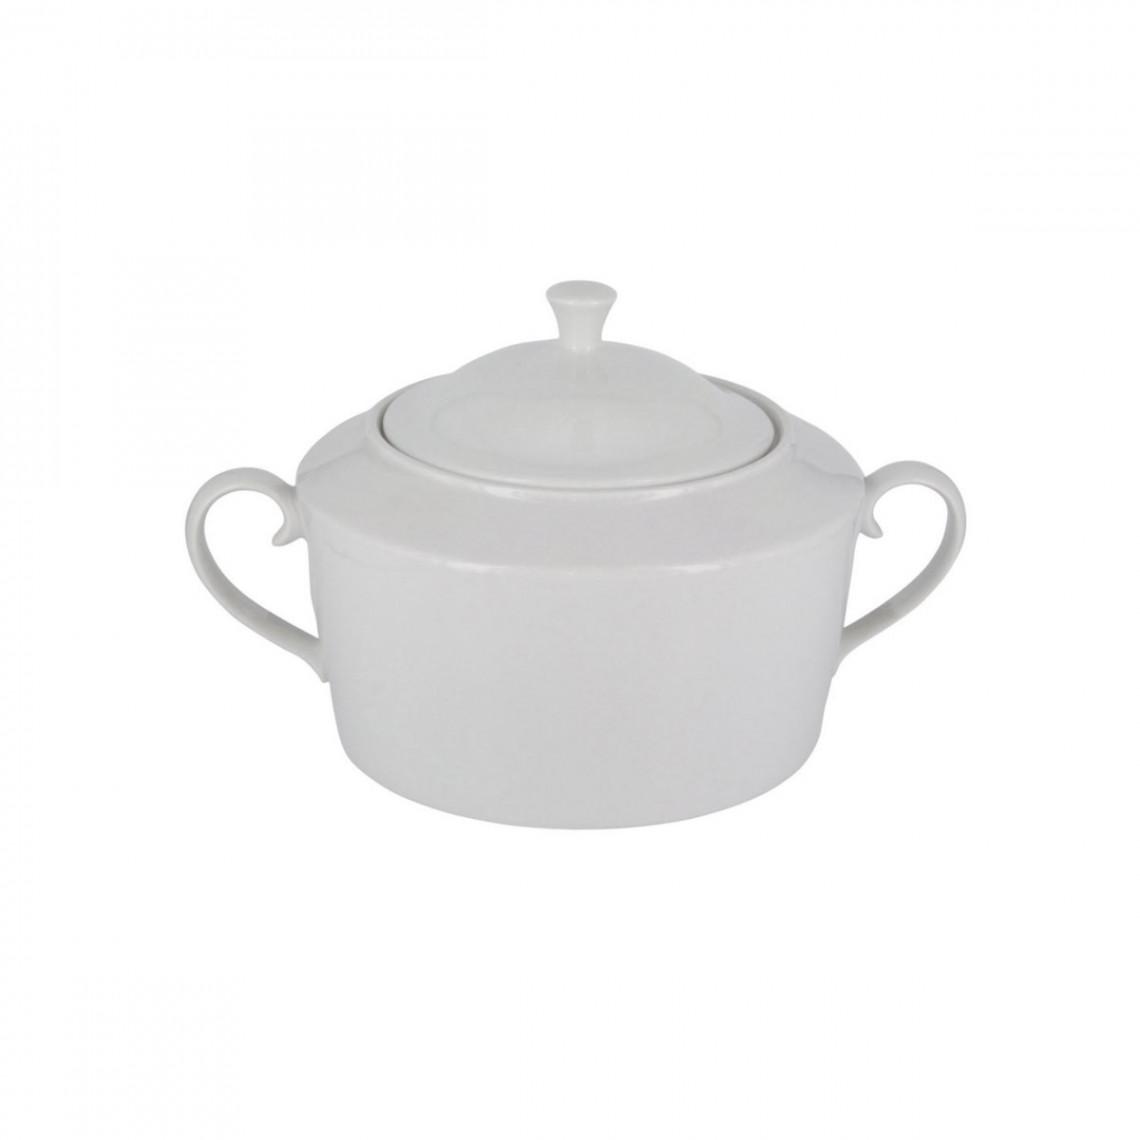 Soupière en porcelaine Norma (2